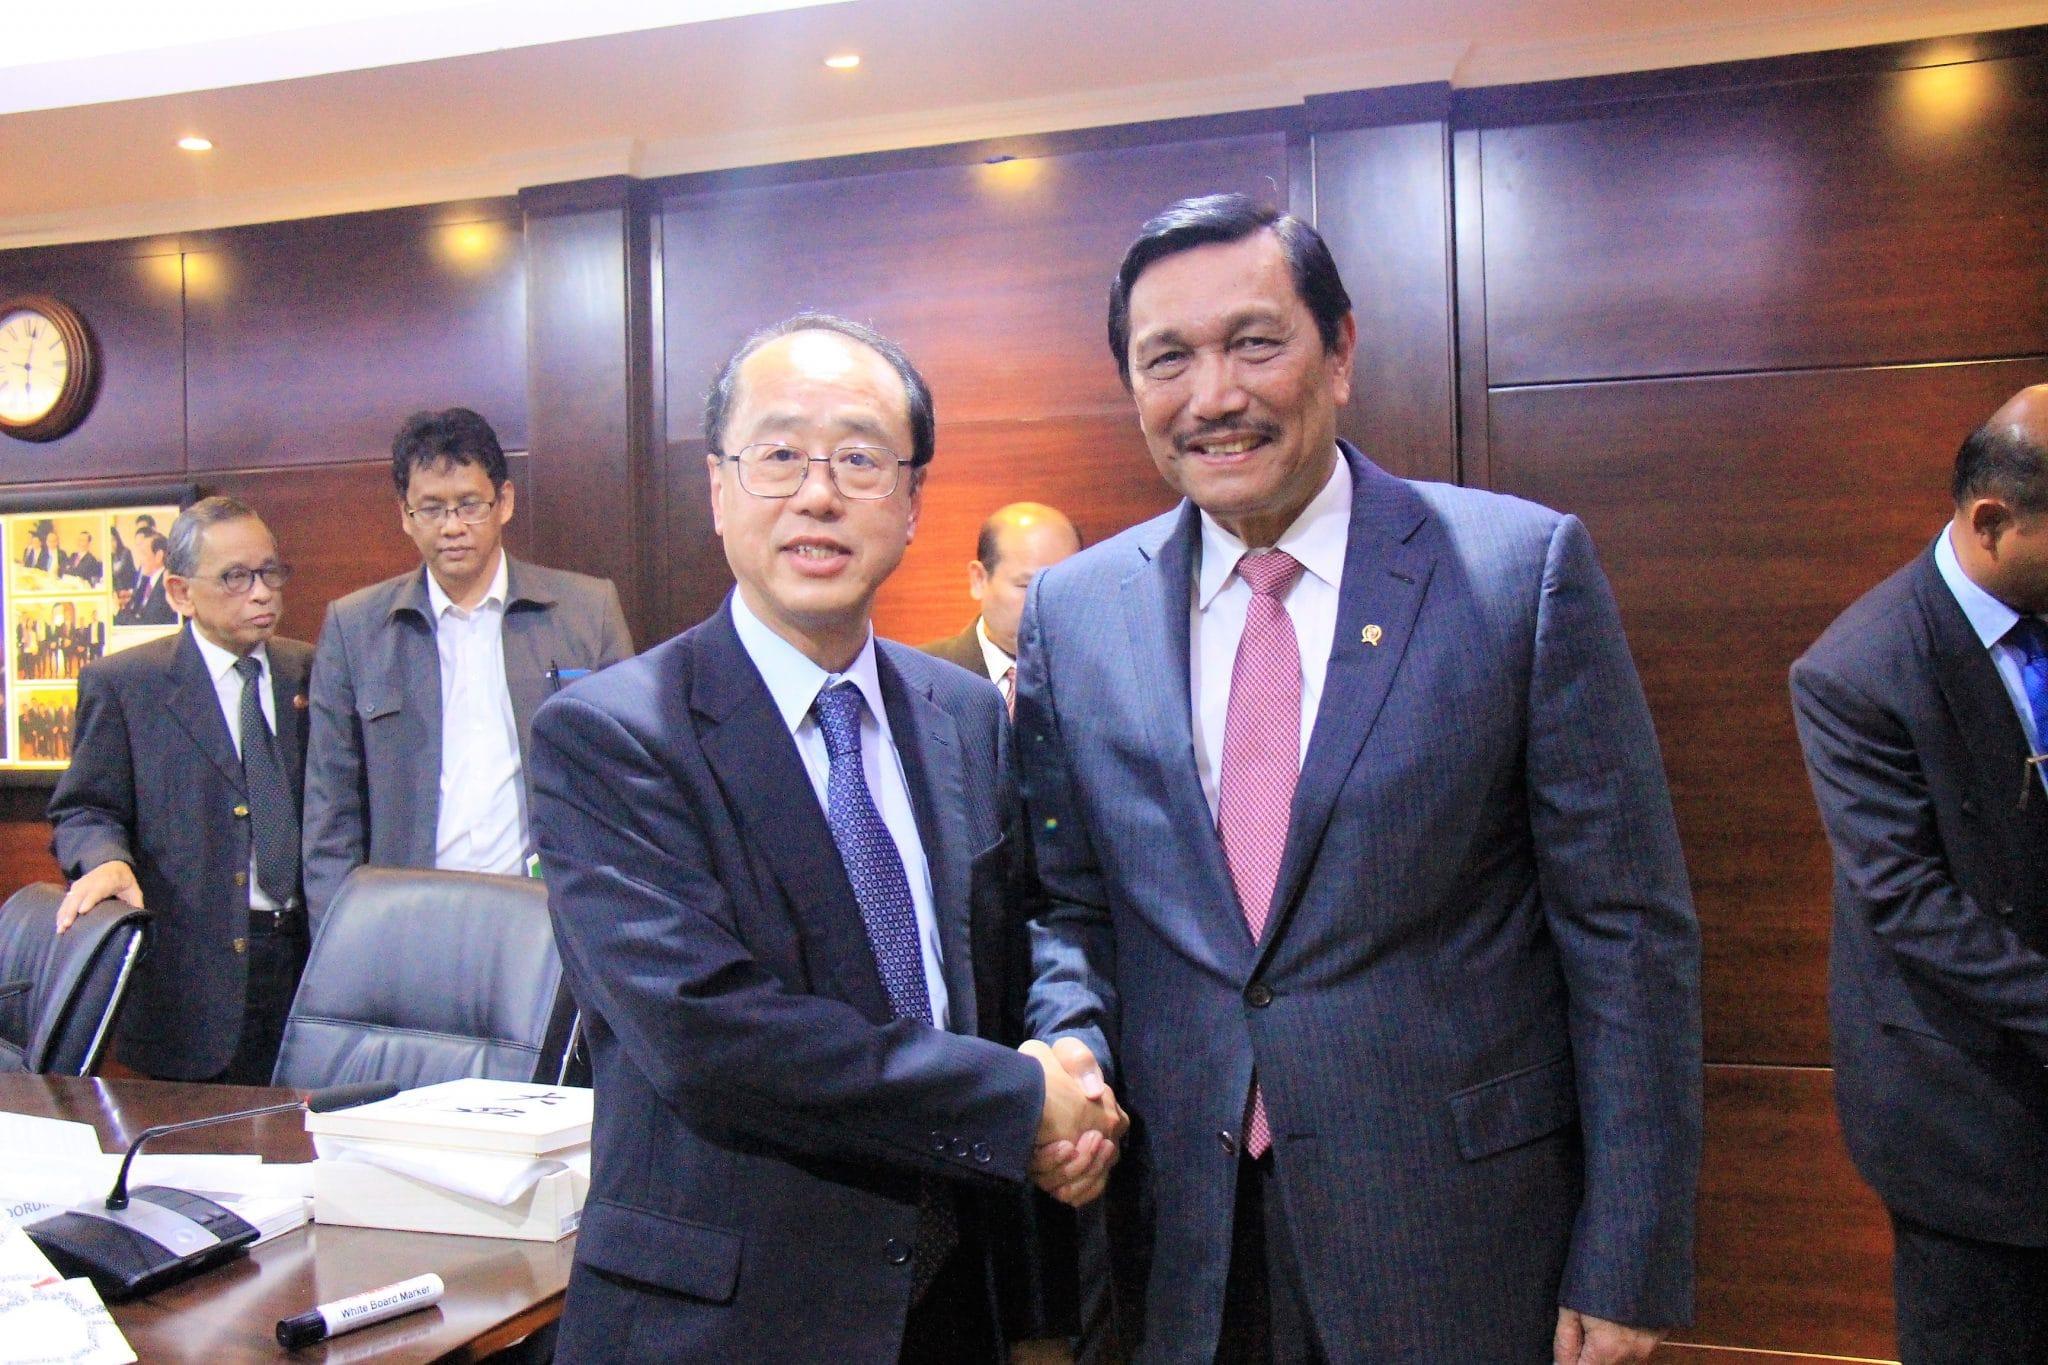 Menko Luhut menerima Audiensi dari Special Advisor PM Jepang di Kantor Maritim